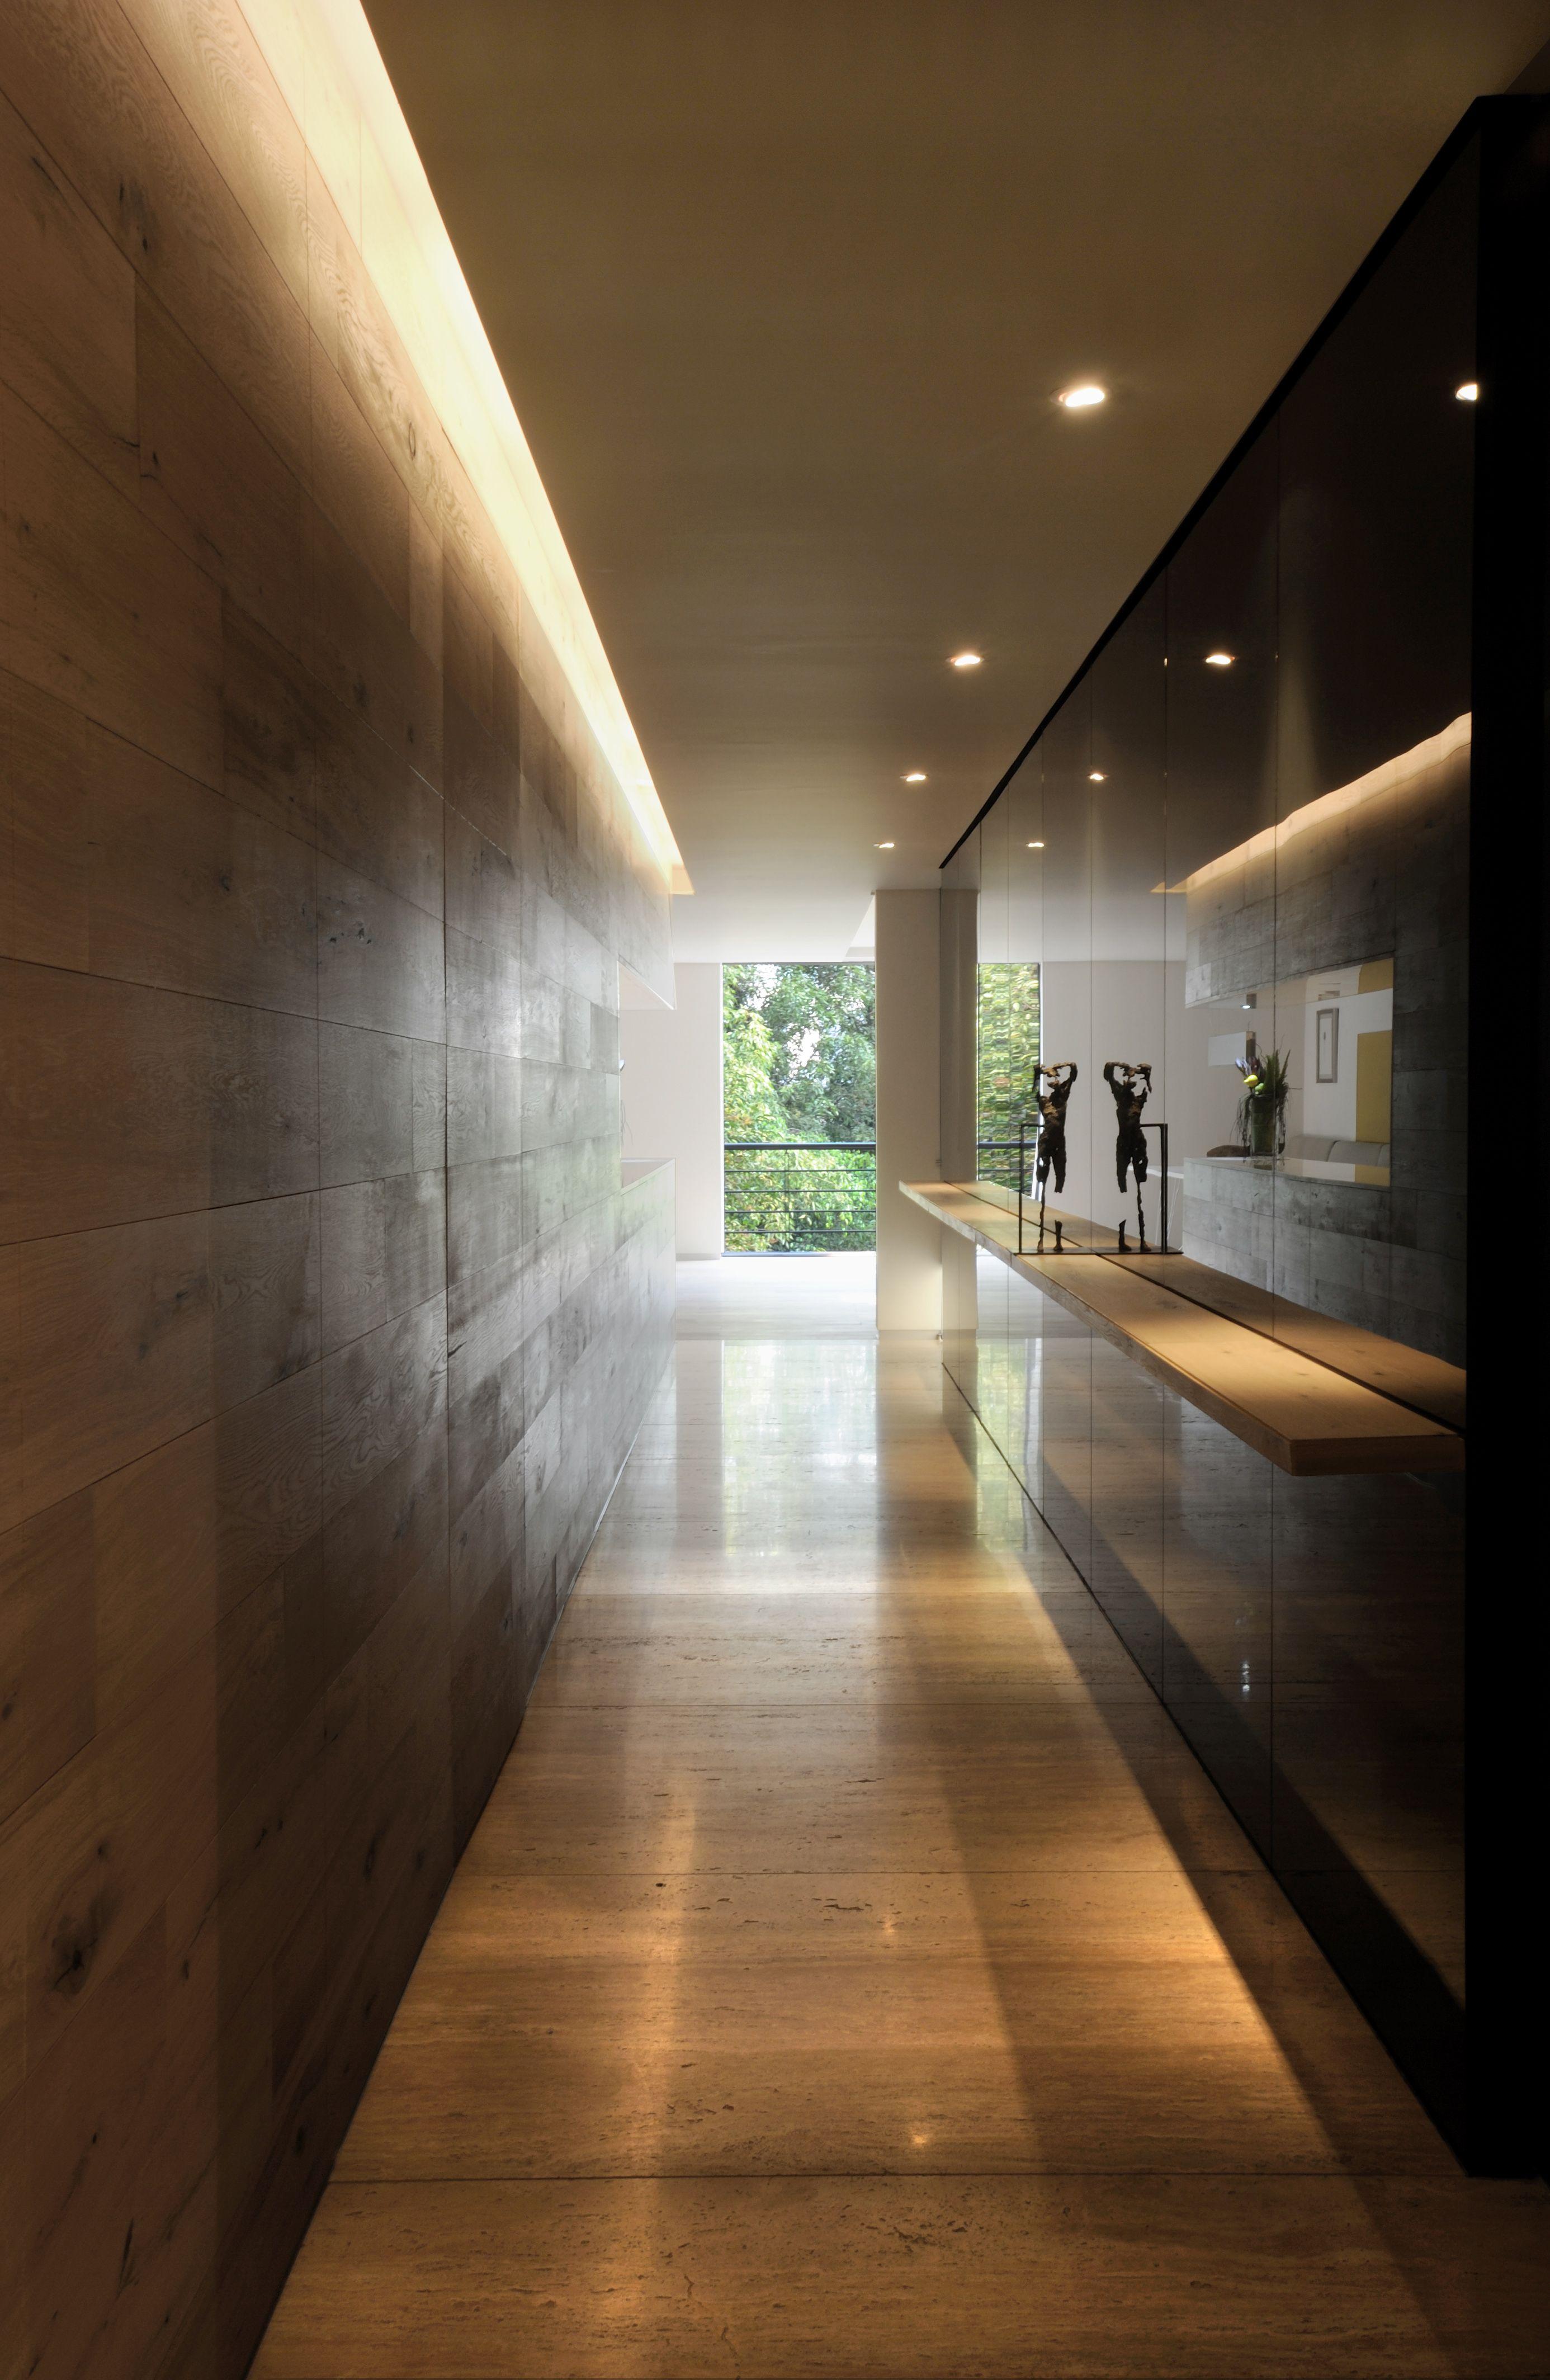 Foseado falso techo iluminado interior design spaces - Iluminacion falso techo ...